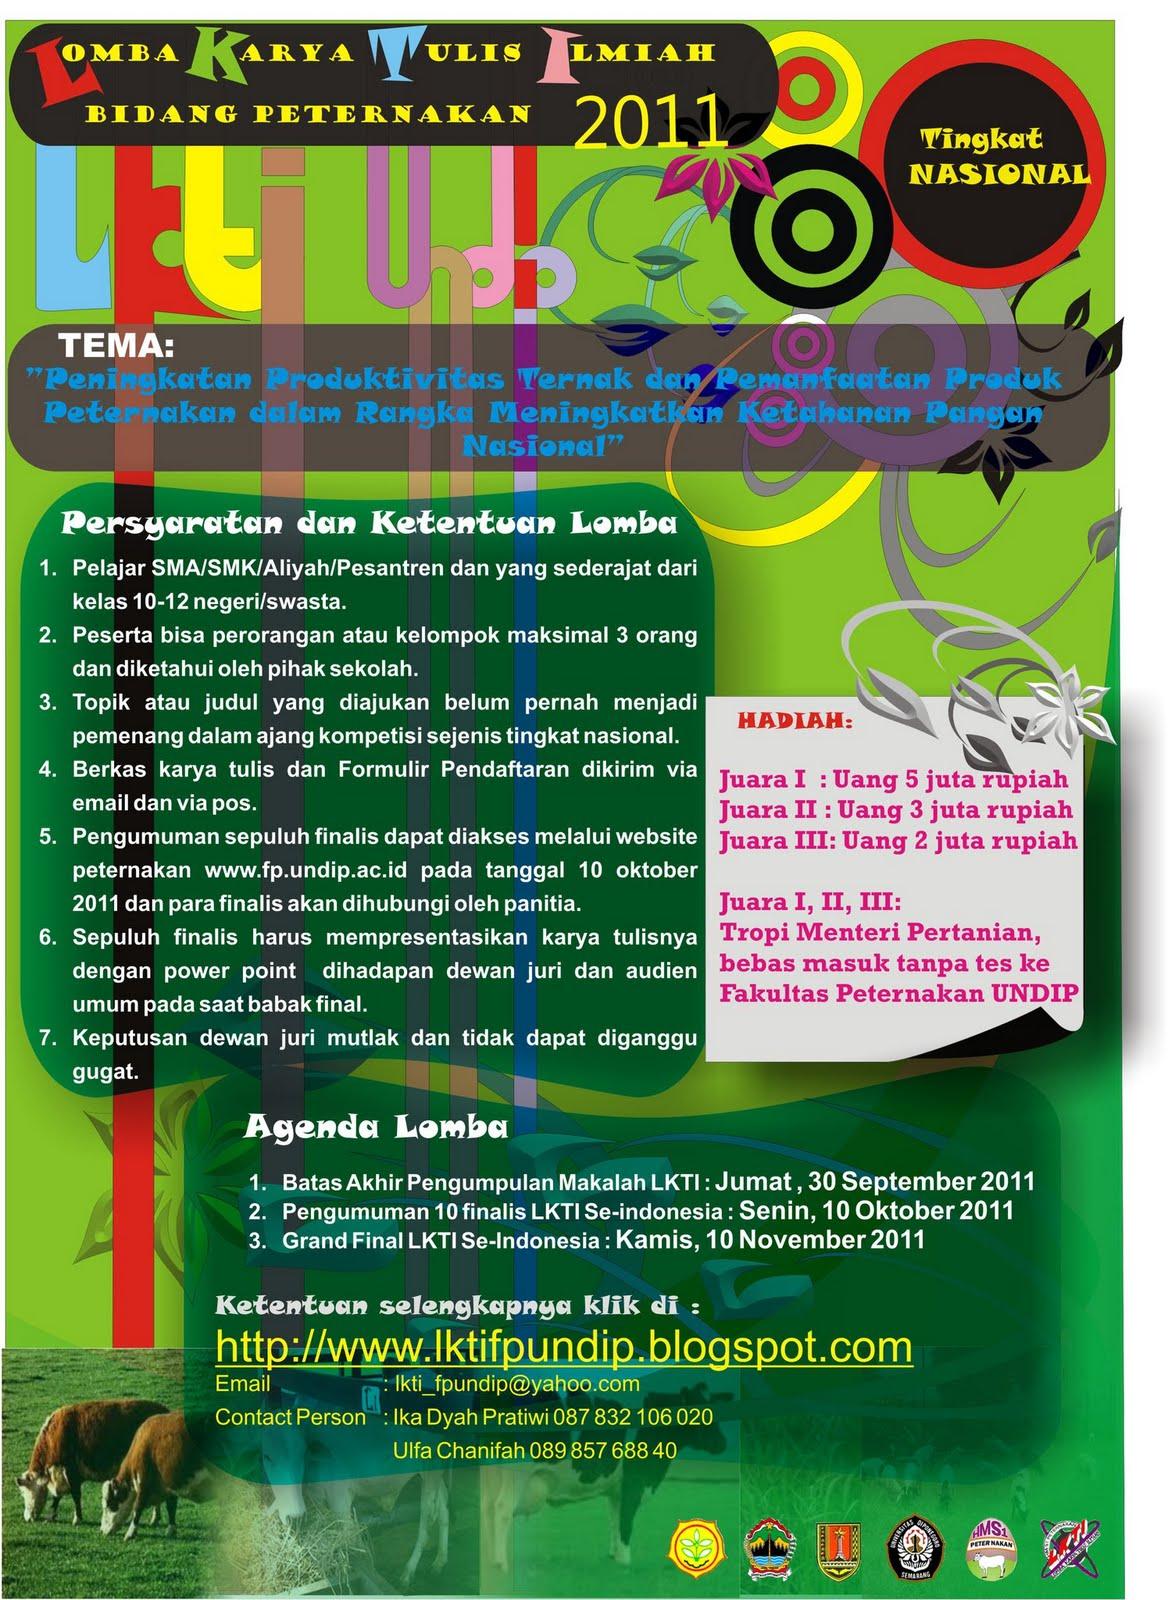 279515 2182867461648 1545837974 32383178 2030359 o Lomba Karya Tulis Ilmiah (LKTI) 2011 Bidang Peternakan